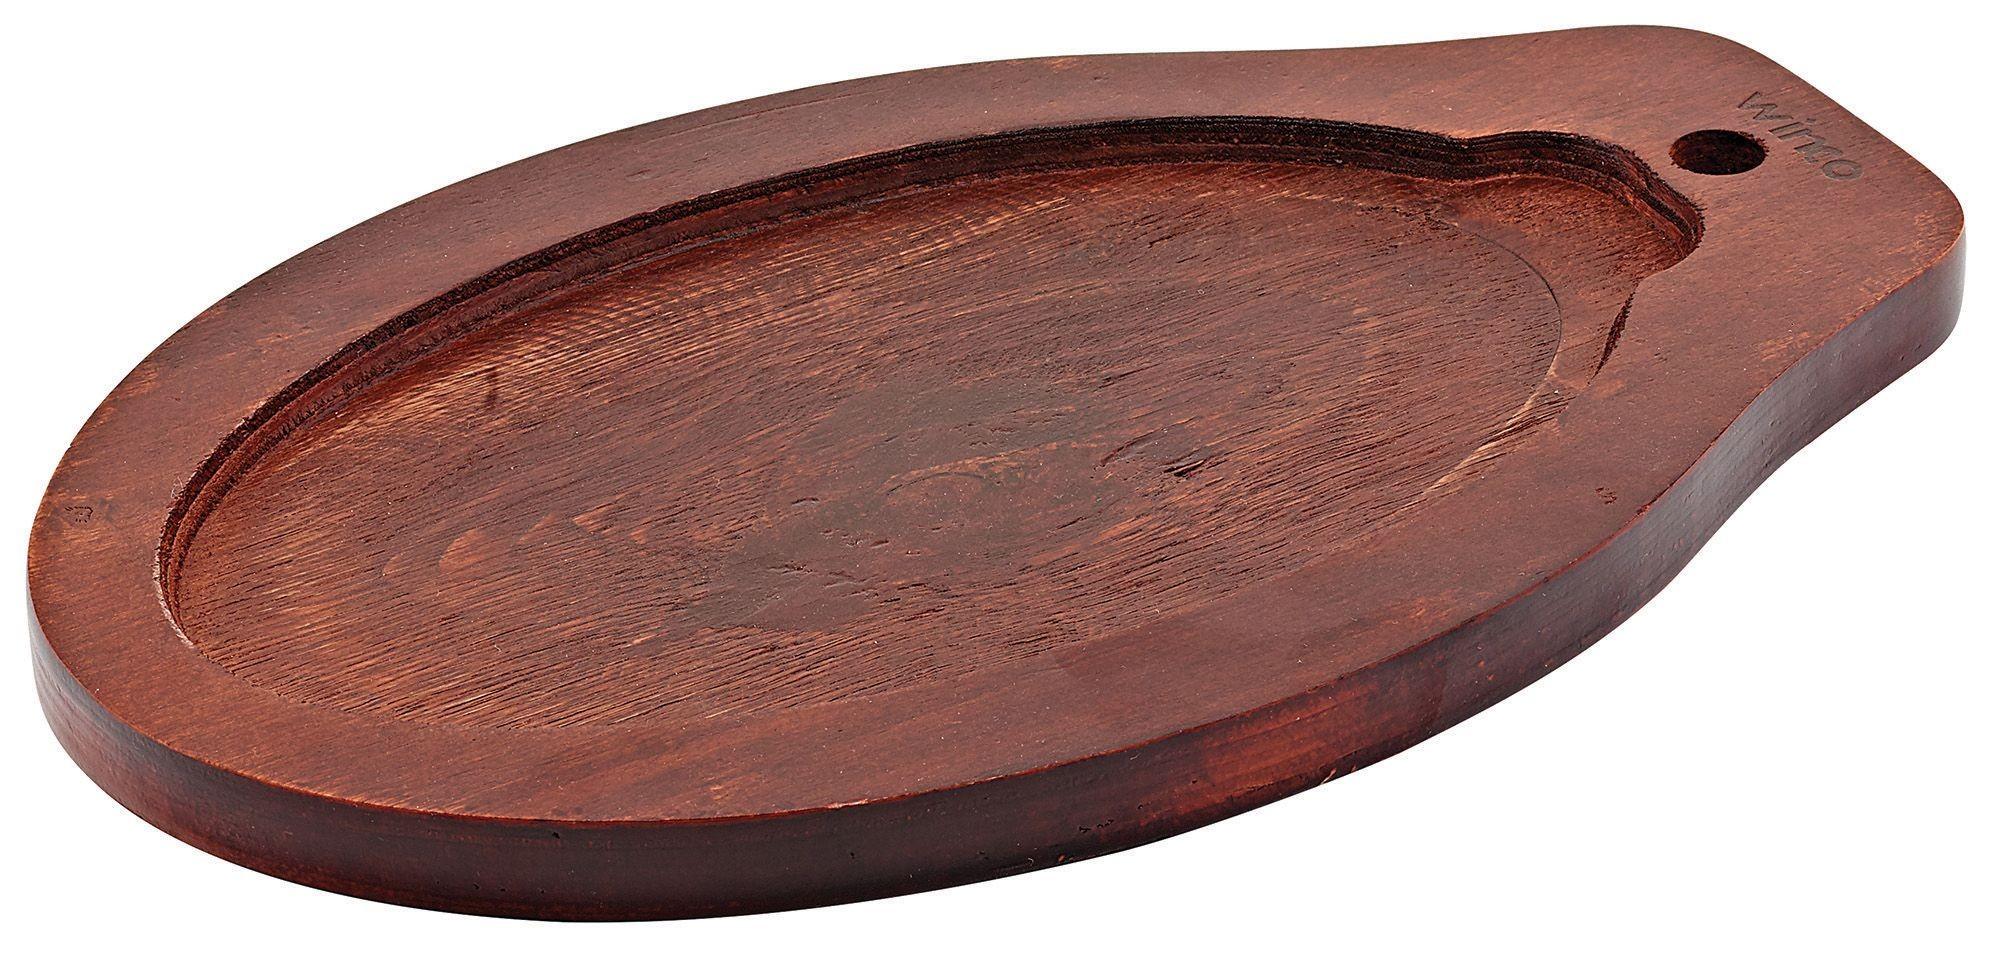 Winco ISP-3-UL Thermal Oval Wooden Underliner for ISP-3 Steak Platter